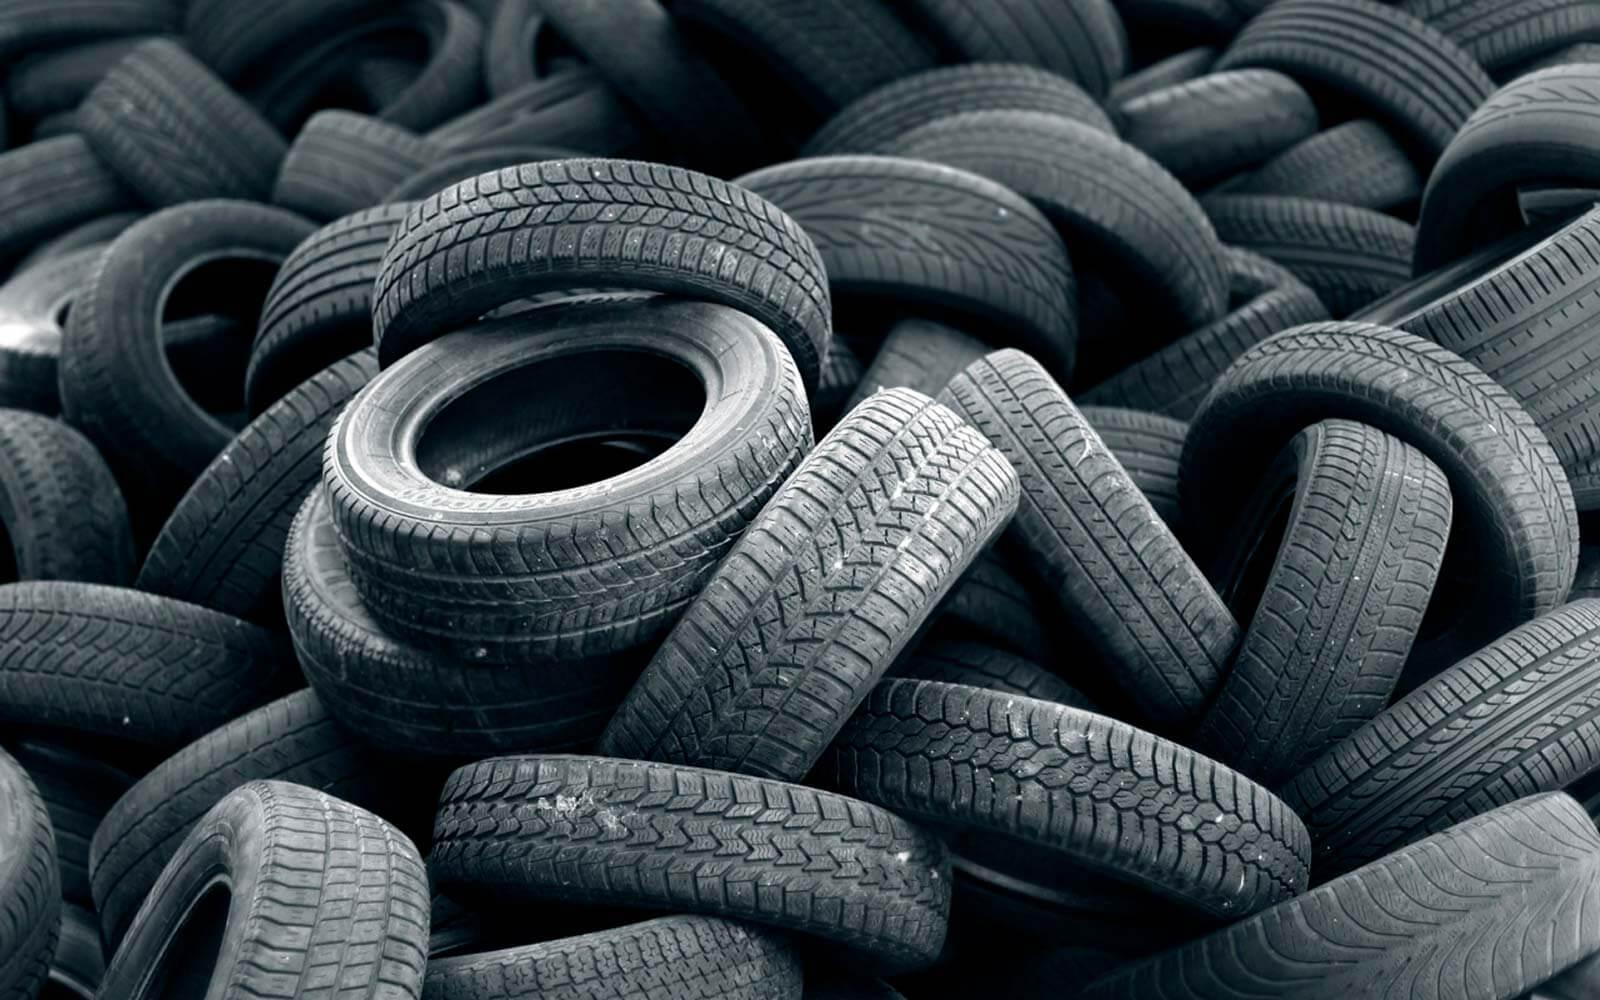 carreteras del futuro con neumáticos reciclados